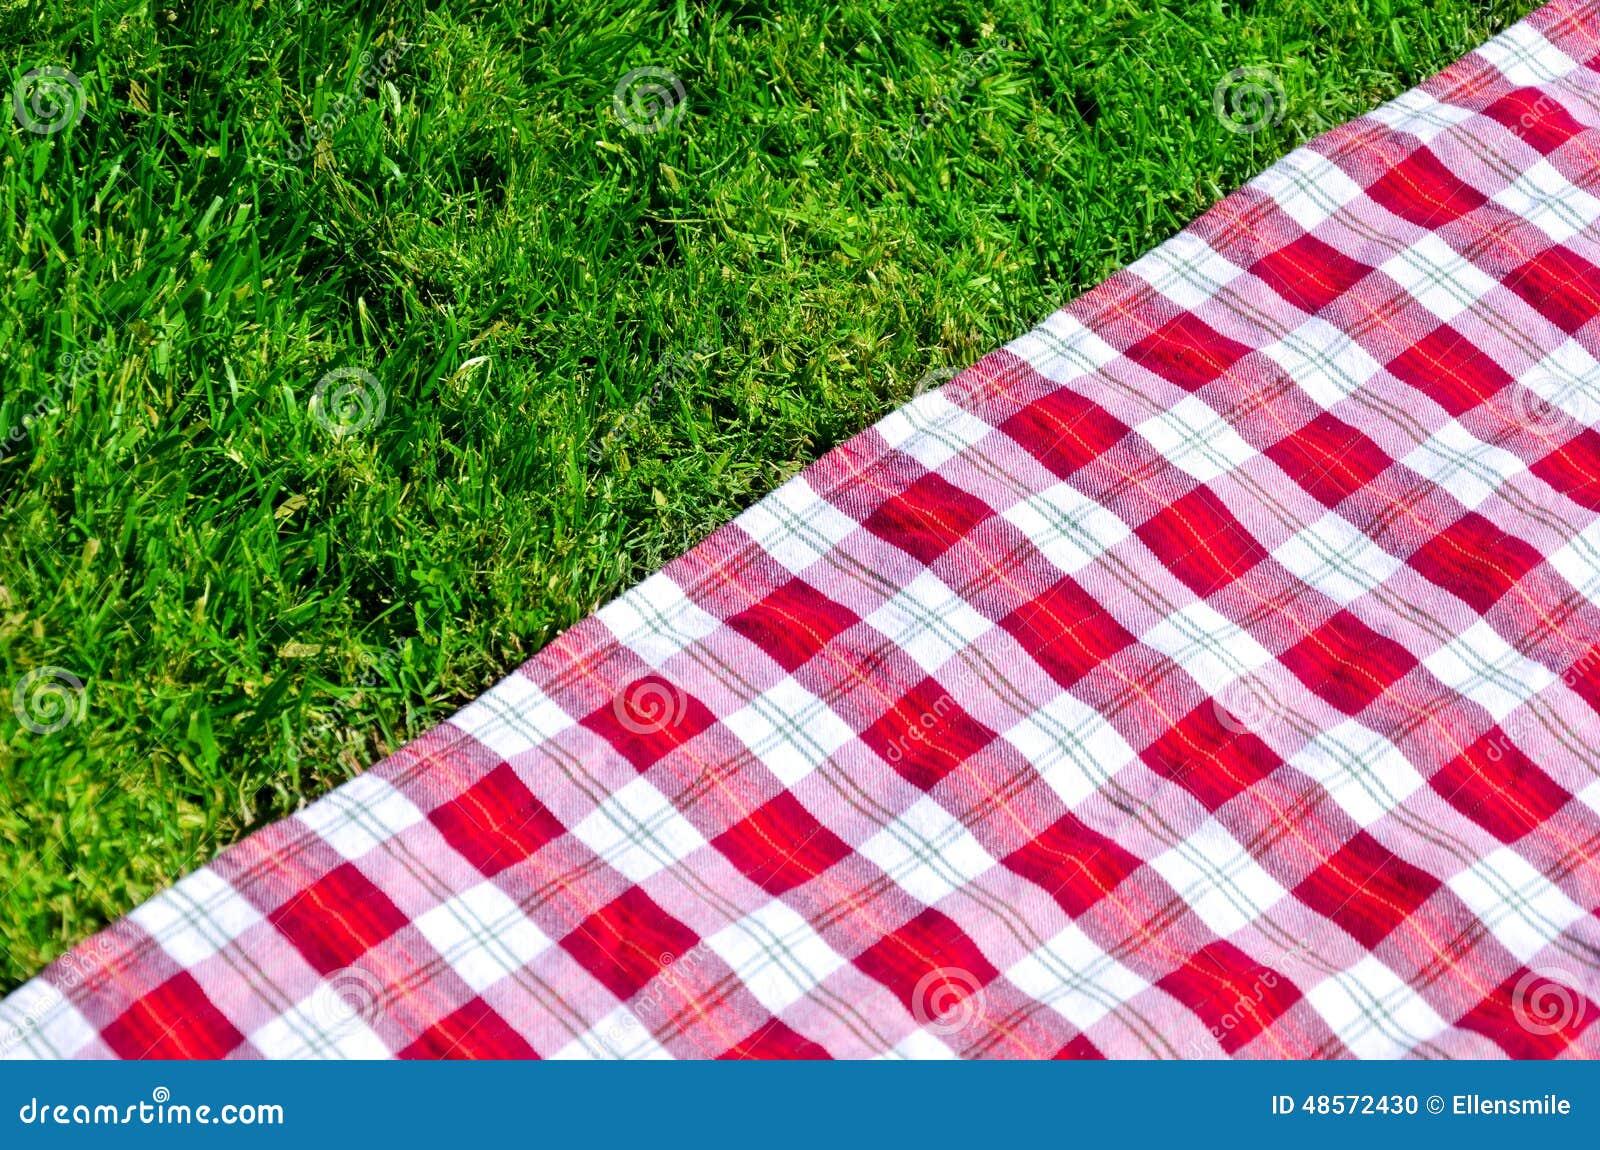 nappe de pique nique sur l herbe photo stock image 48572430